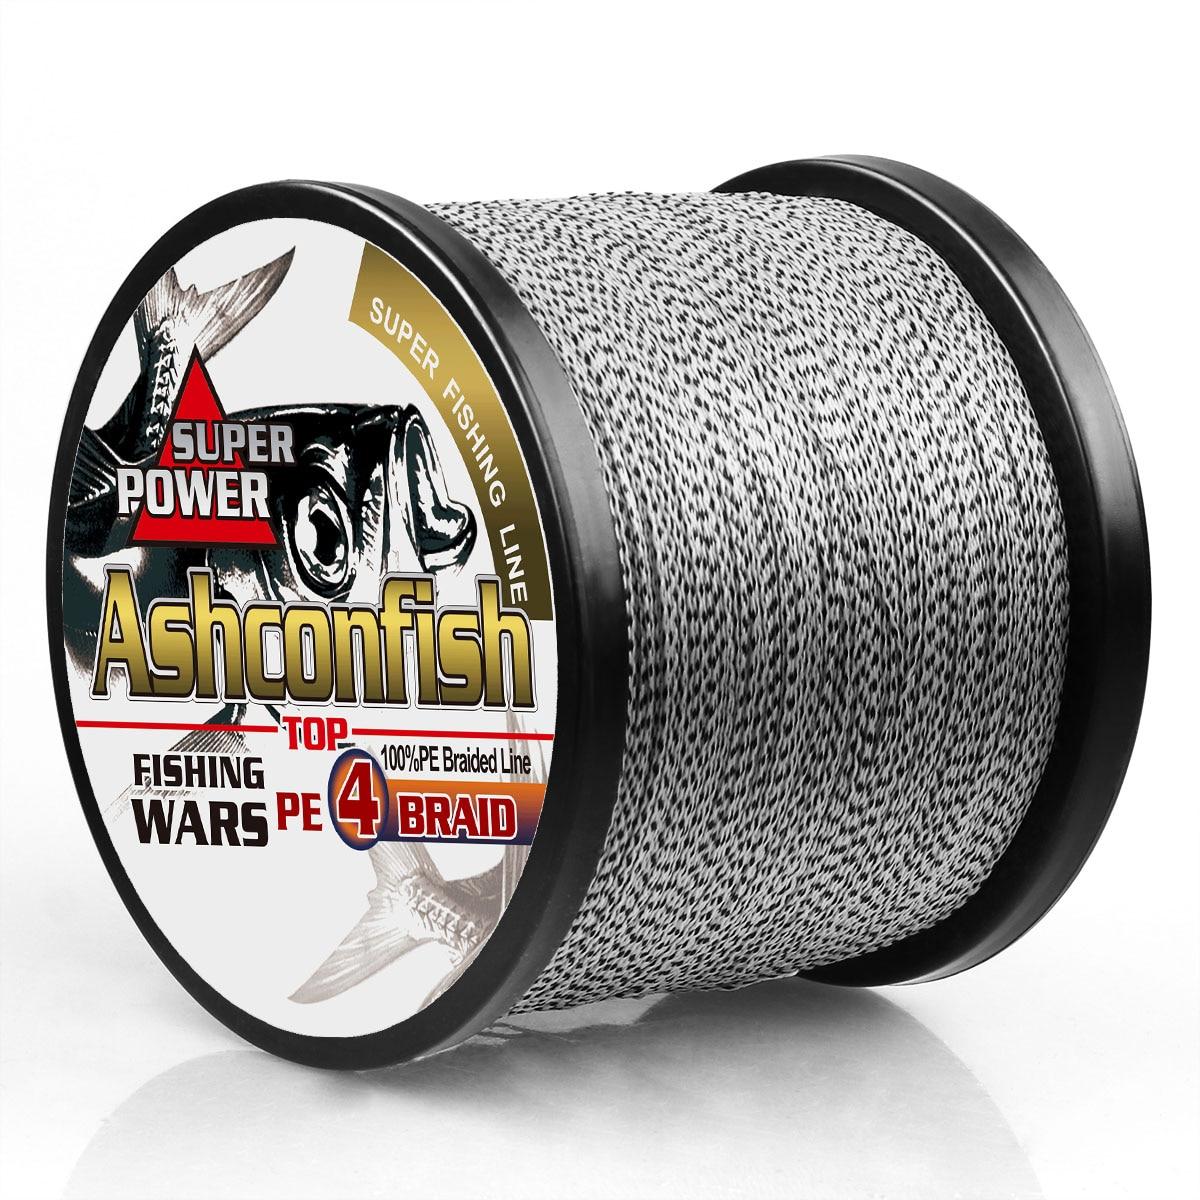 Braided Fihing Line 0.06mm 0.08mm 0.1mm Super Braided Wire Fishing String 2LB 4LB 6LB 100LB 4 Strands 500M 1000M 1500M 2000M